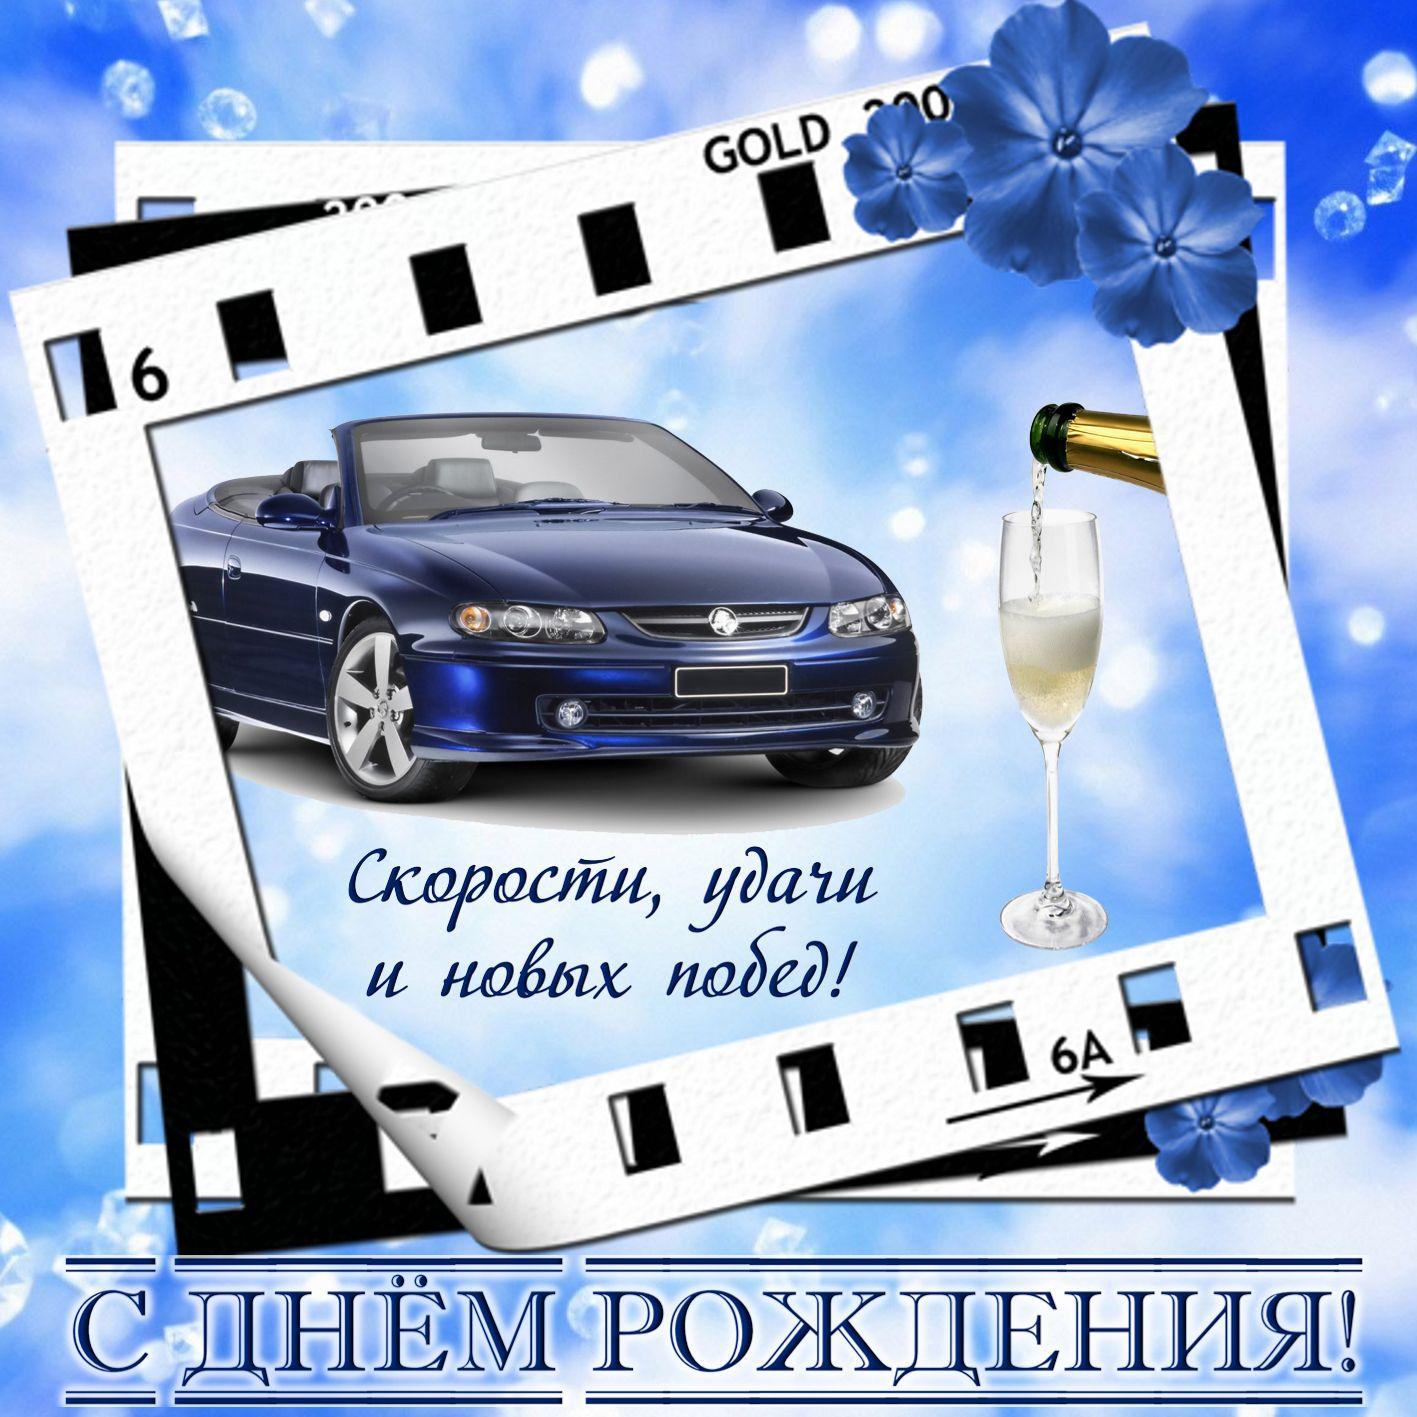 Открытка на День рождения - синяя машина в оригинальном оформлении